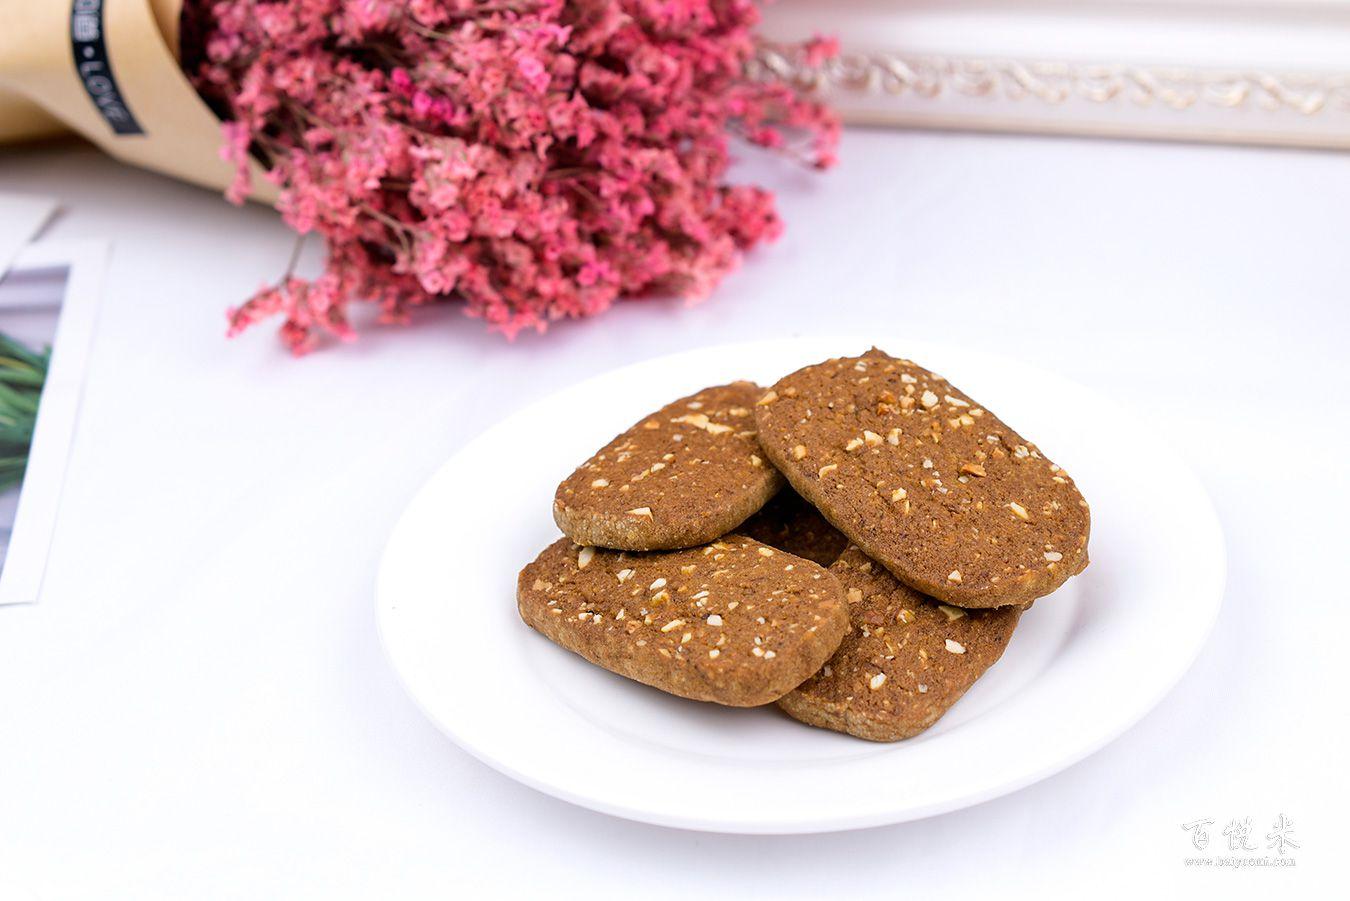 摩卡坚果饼干高清图片大全【蛋糕图片】_352